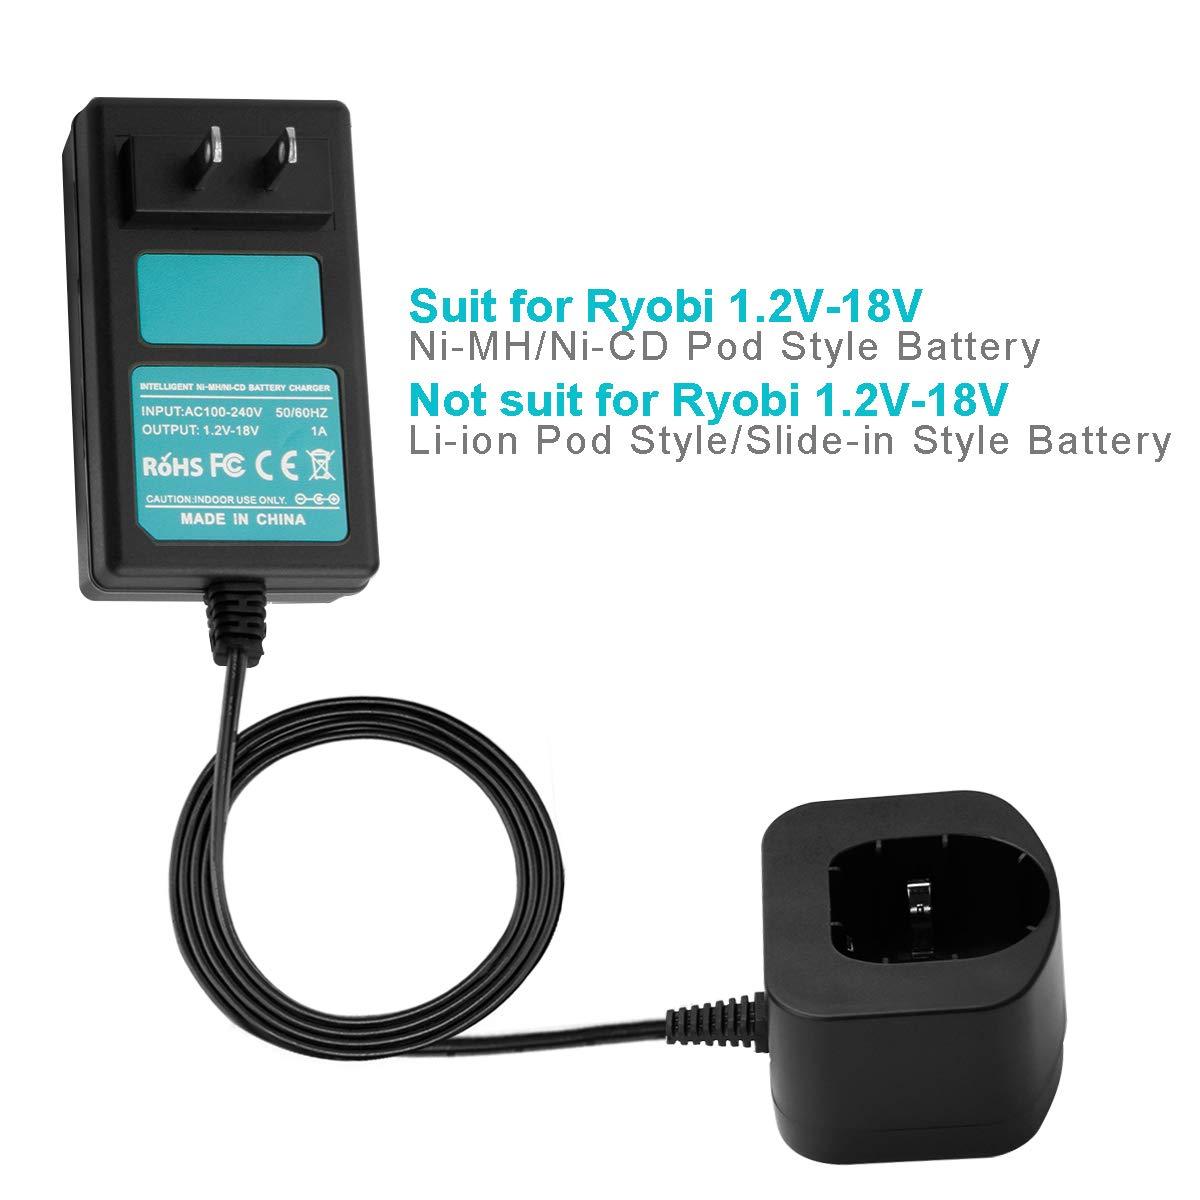 Charger For Ryobi 1.2V-18V Ni-MH Ni-CD Battery P108 P107 1400668 RY961 1400143